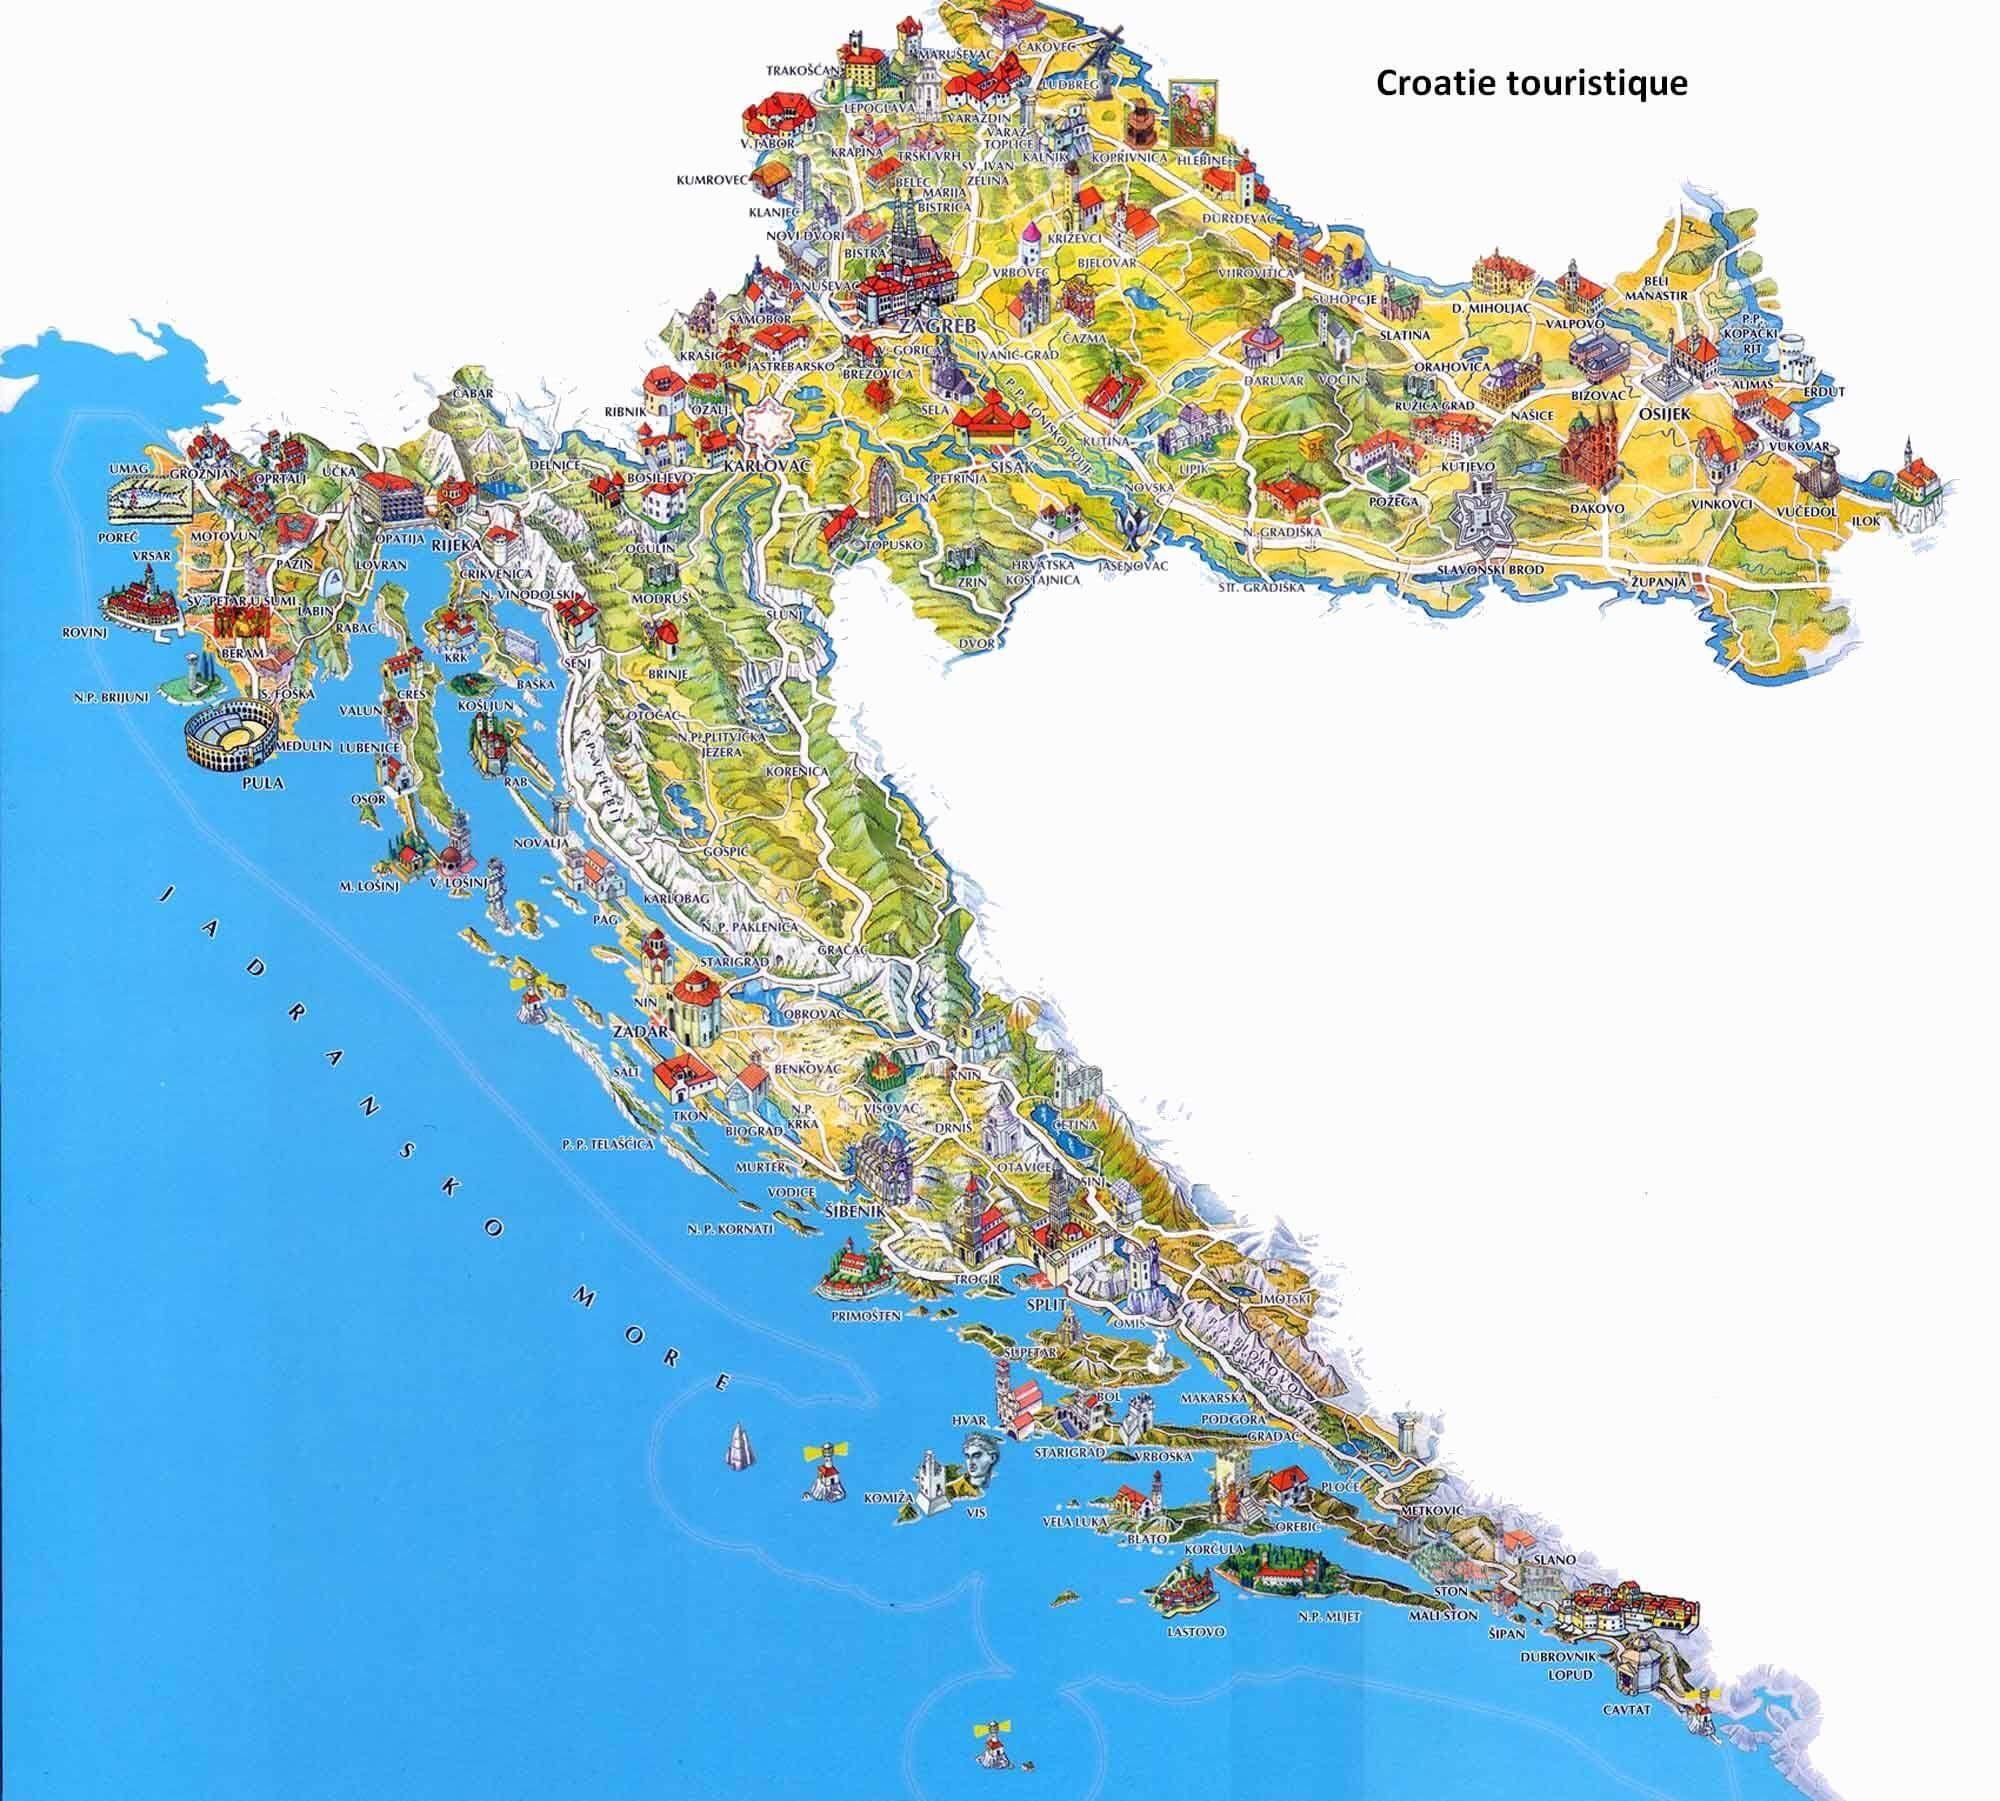 Carte De Croatie Regions Reliefs Sites A Ne Pas Manquer Routes Autoroutes Et Voies Ferrees Carte Croatie Carte Touristique Croatie